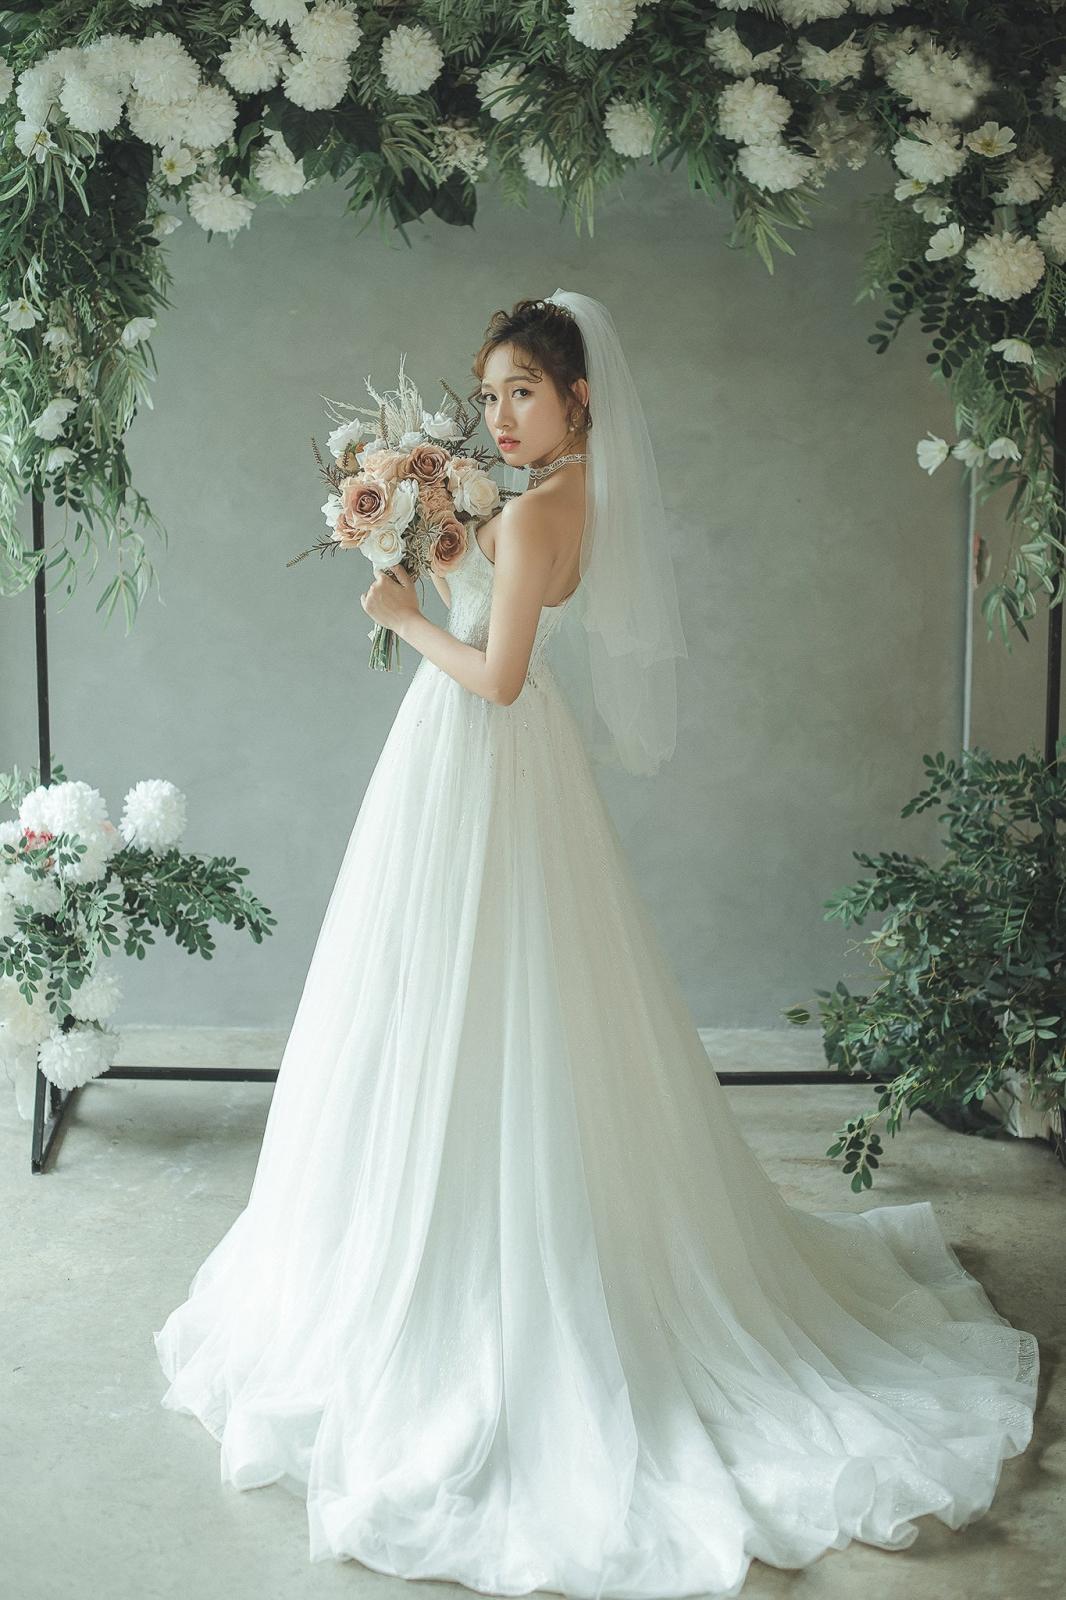 Kinh nghiệm lựa chọn hoa cưới cầm tay cho cô dâu